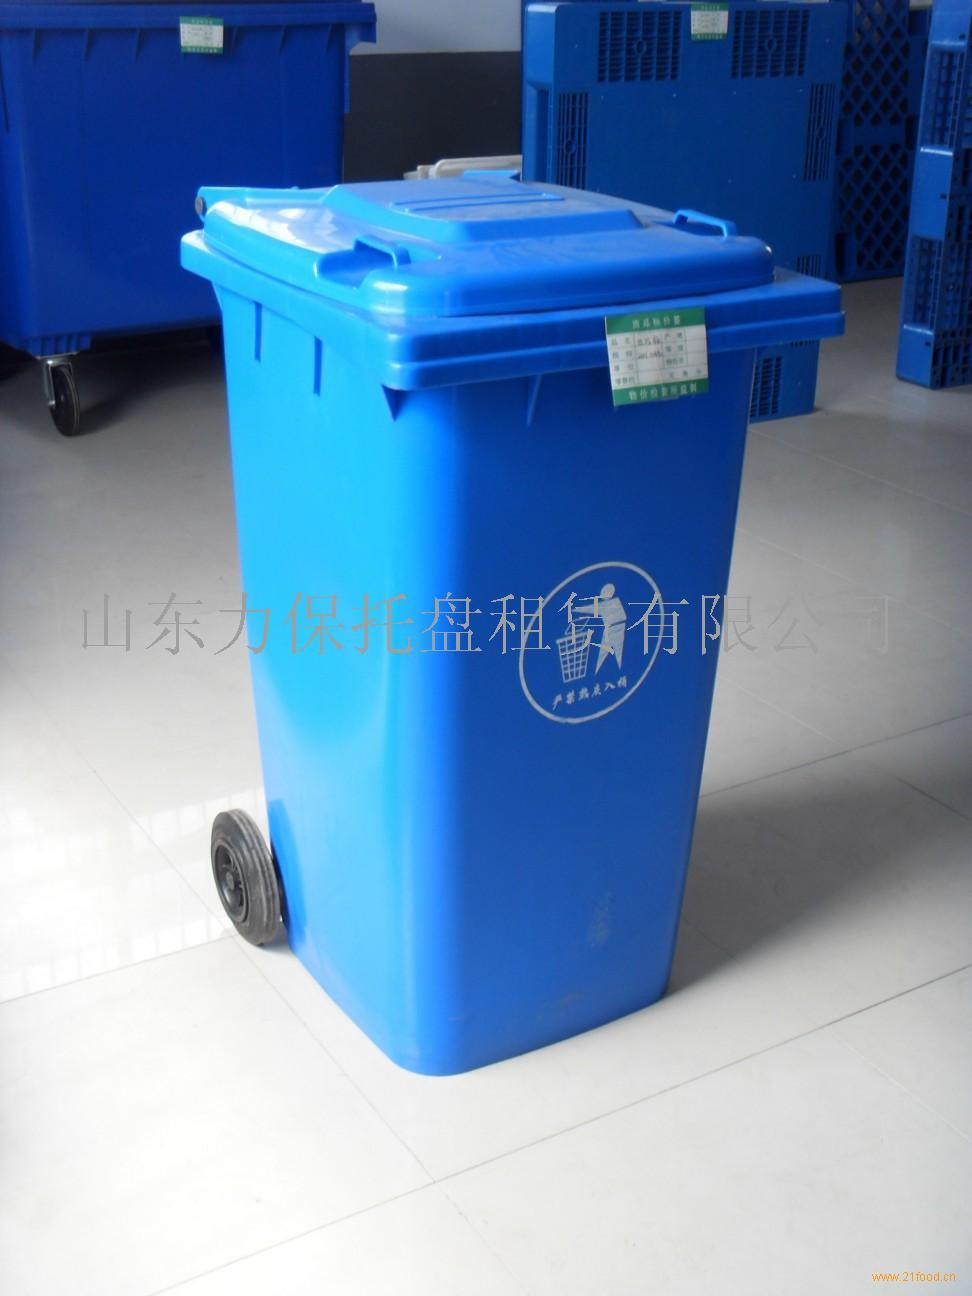 塑料垃圾桶_中国山东济南